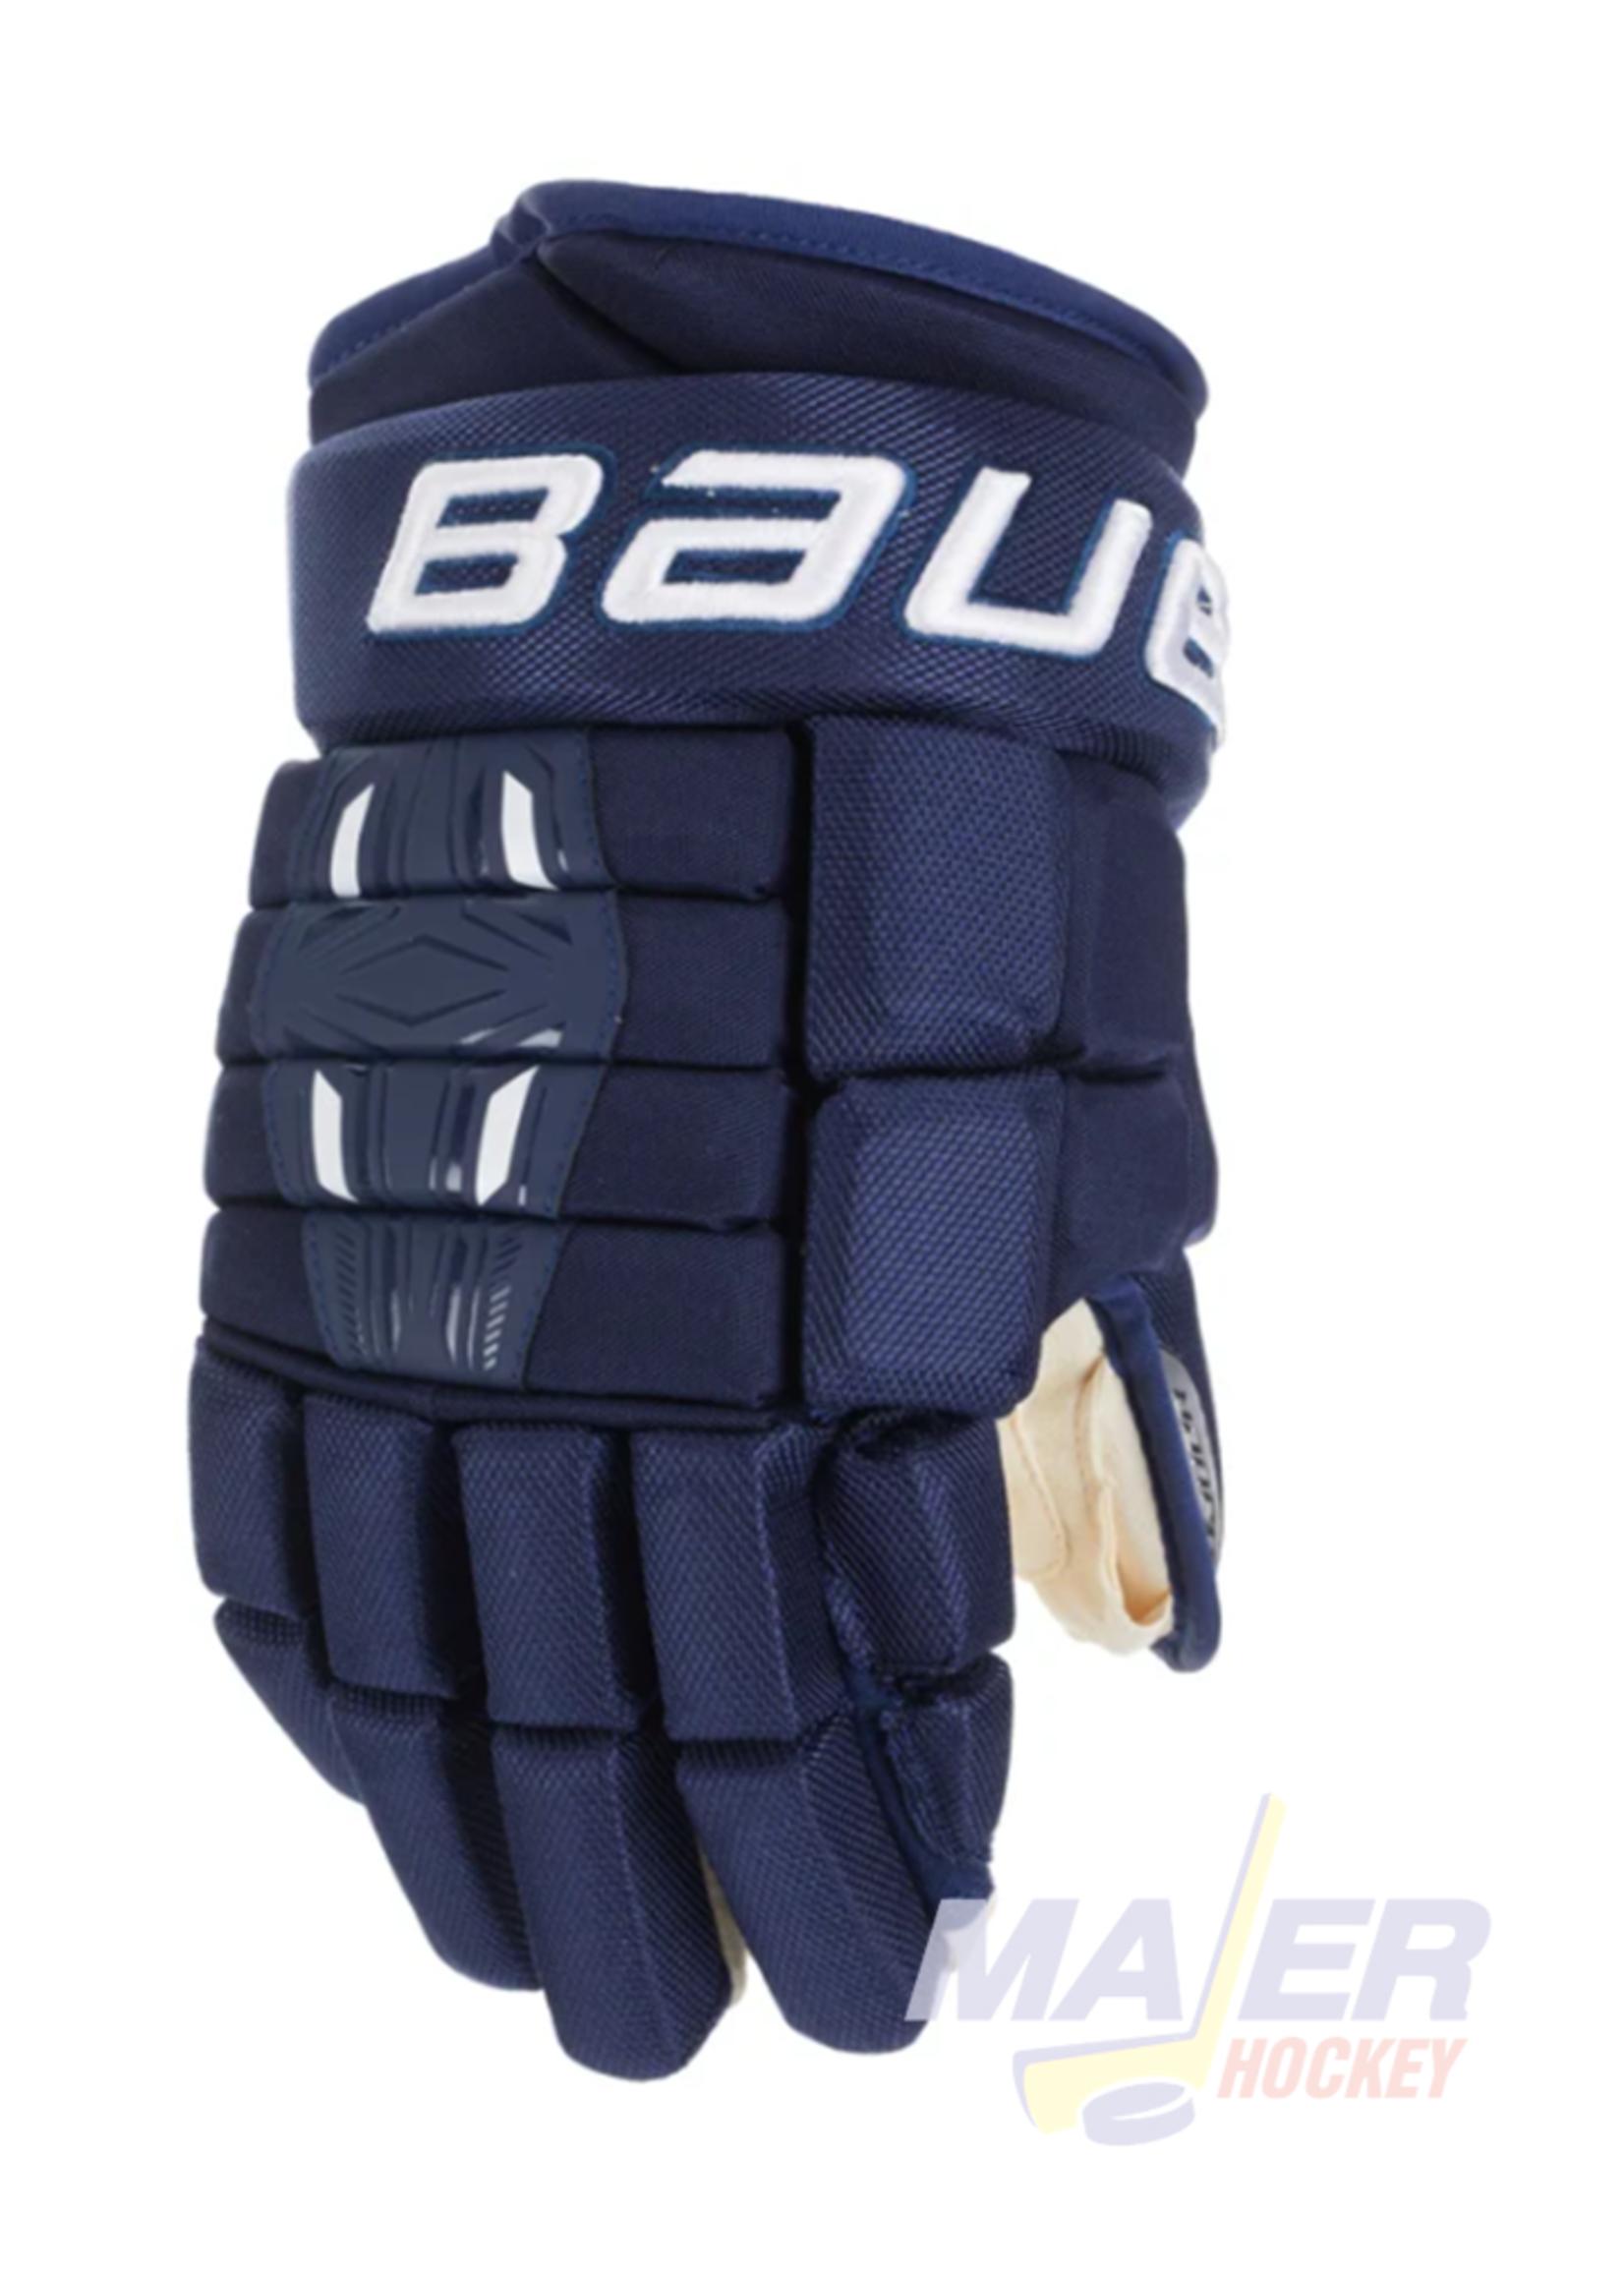 Bauer Pro Series Int Gloves